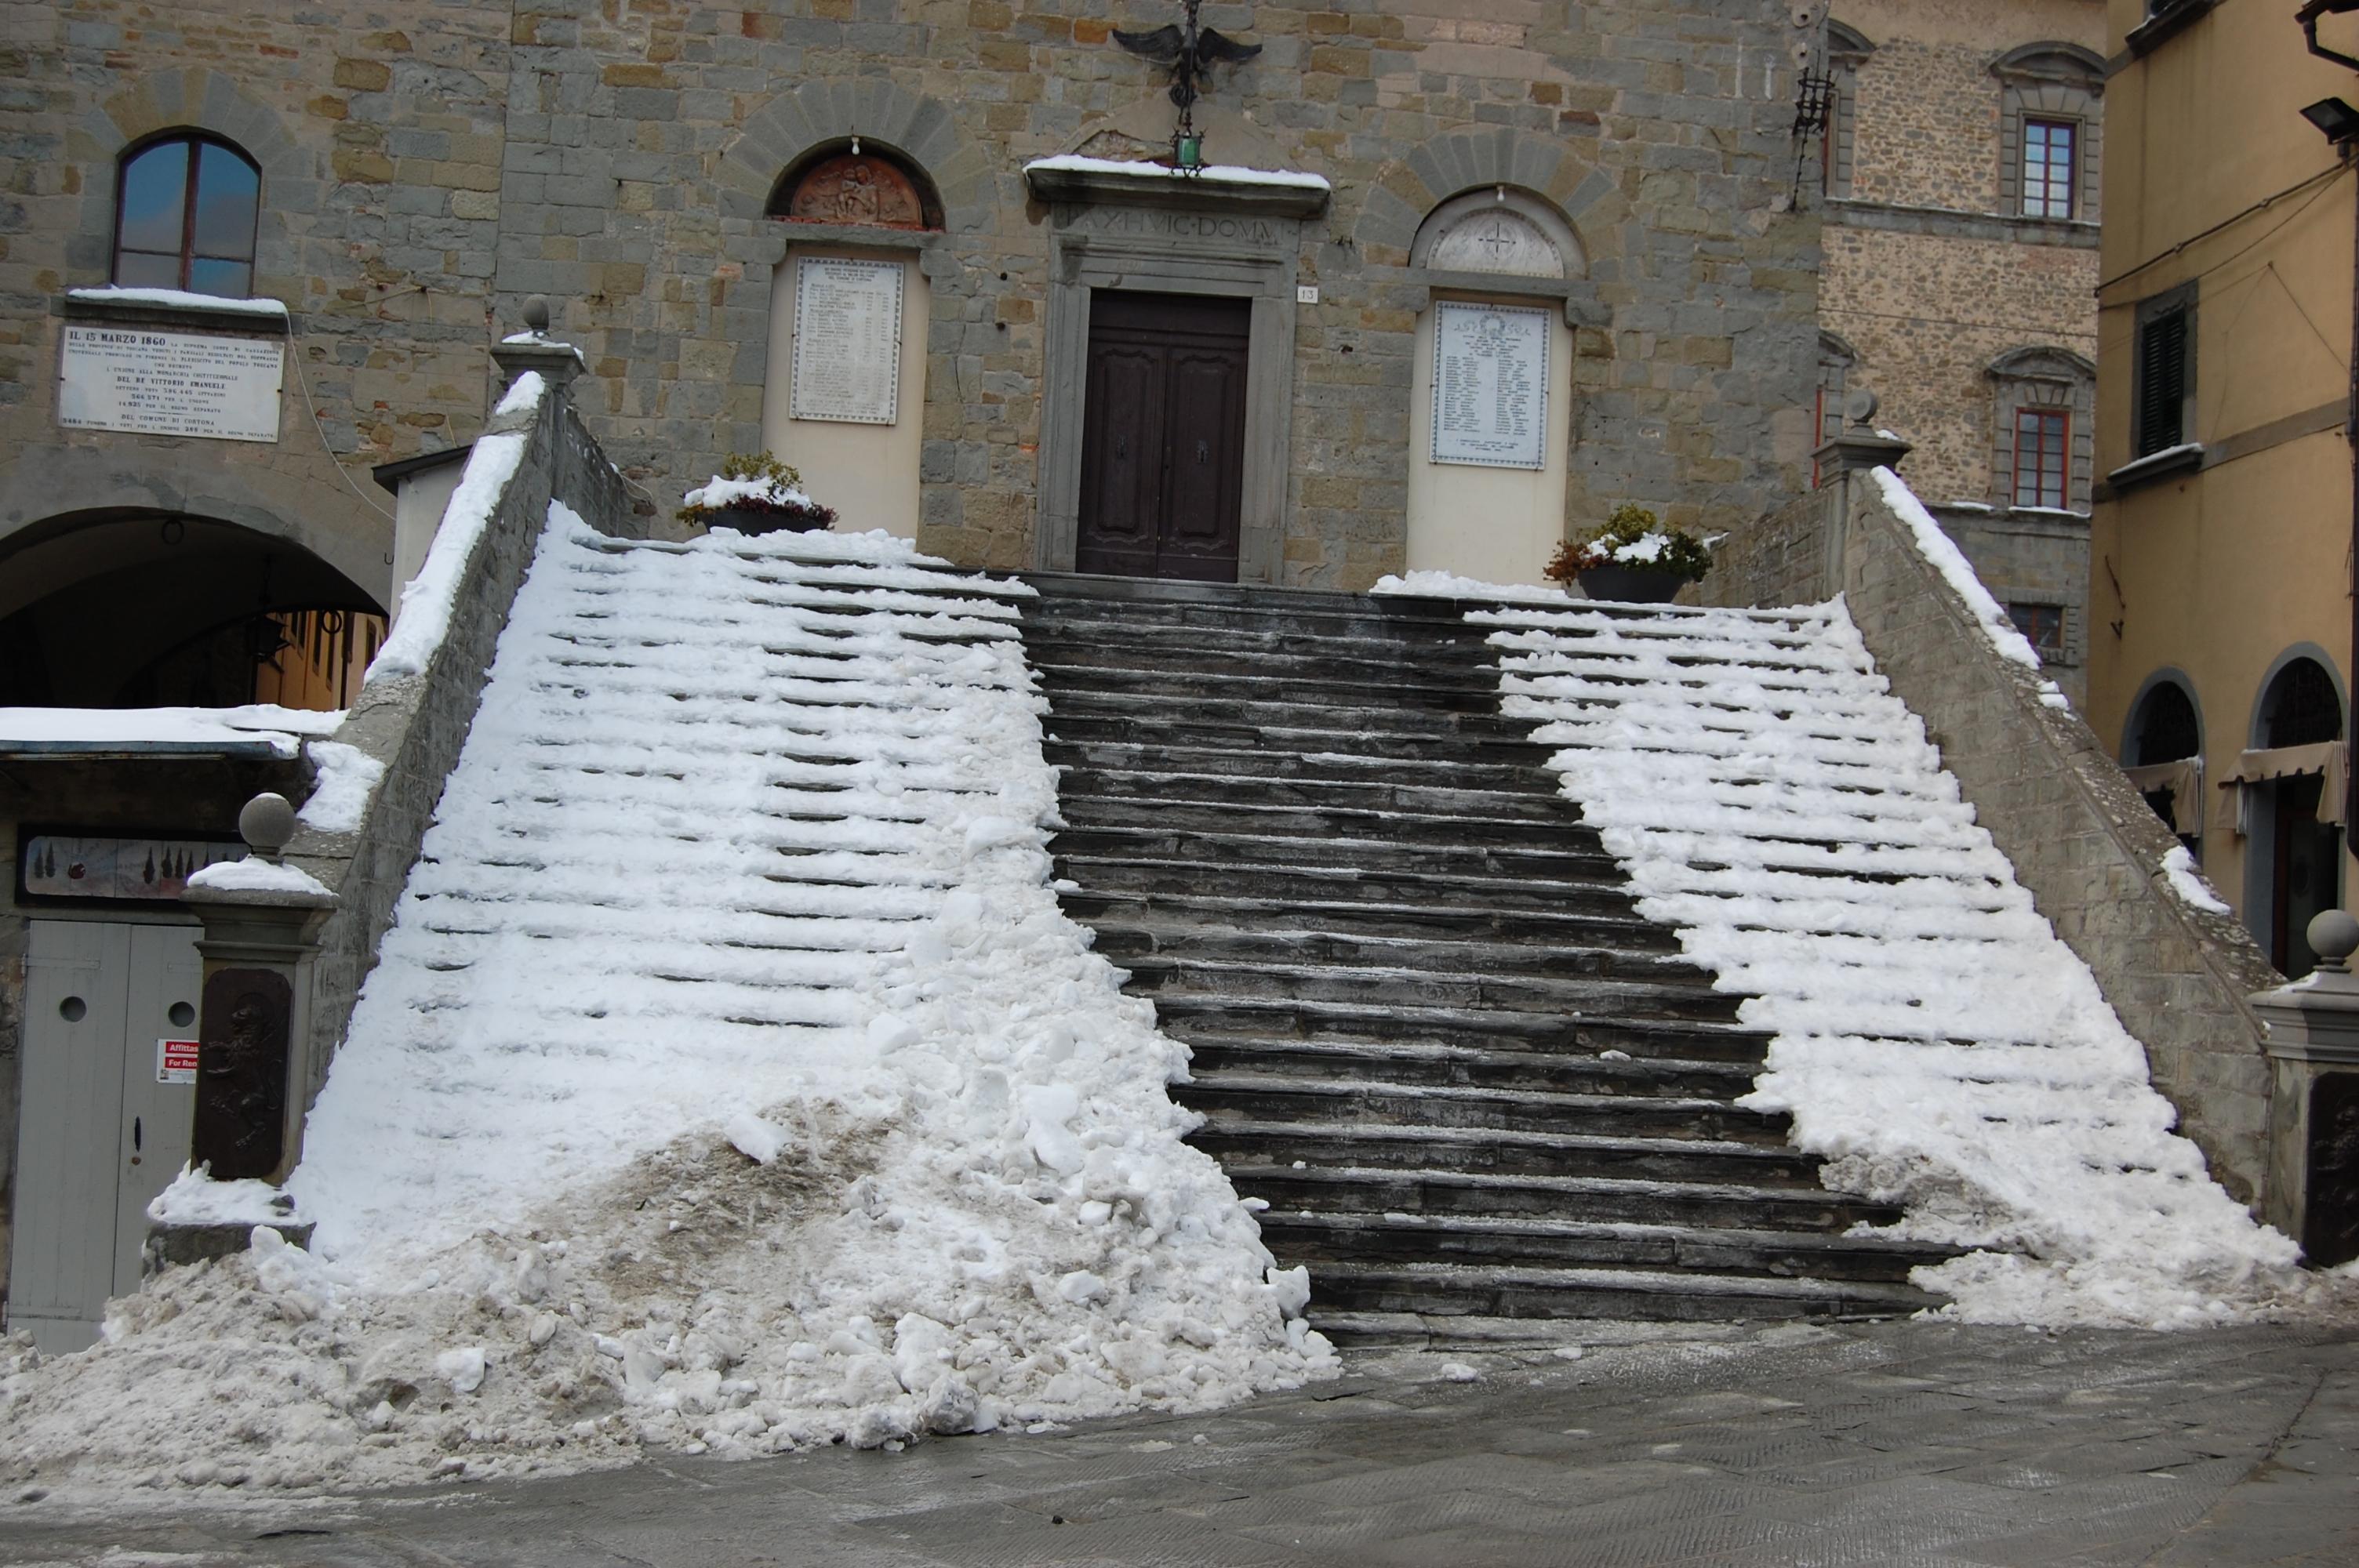 La neve si scioglie...i problemi rimangono